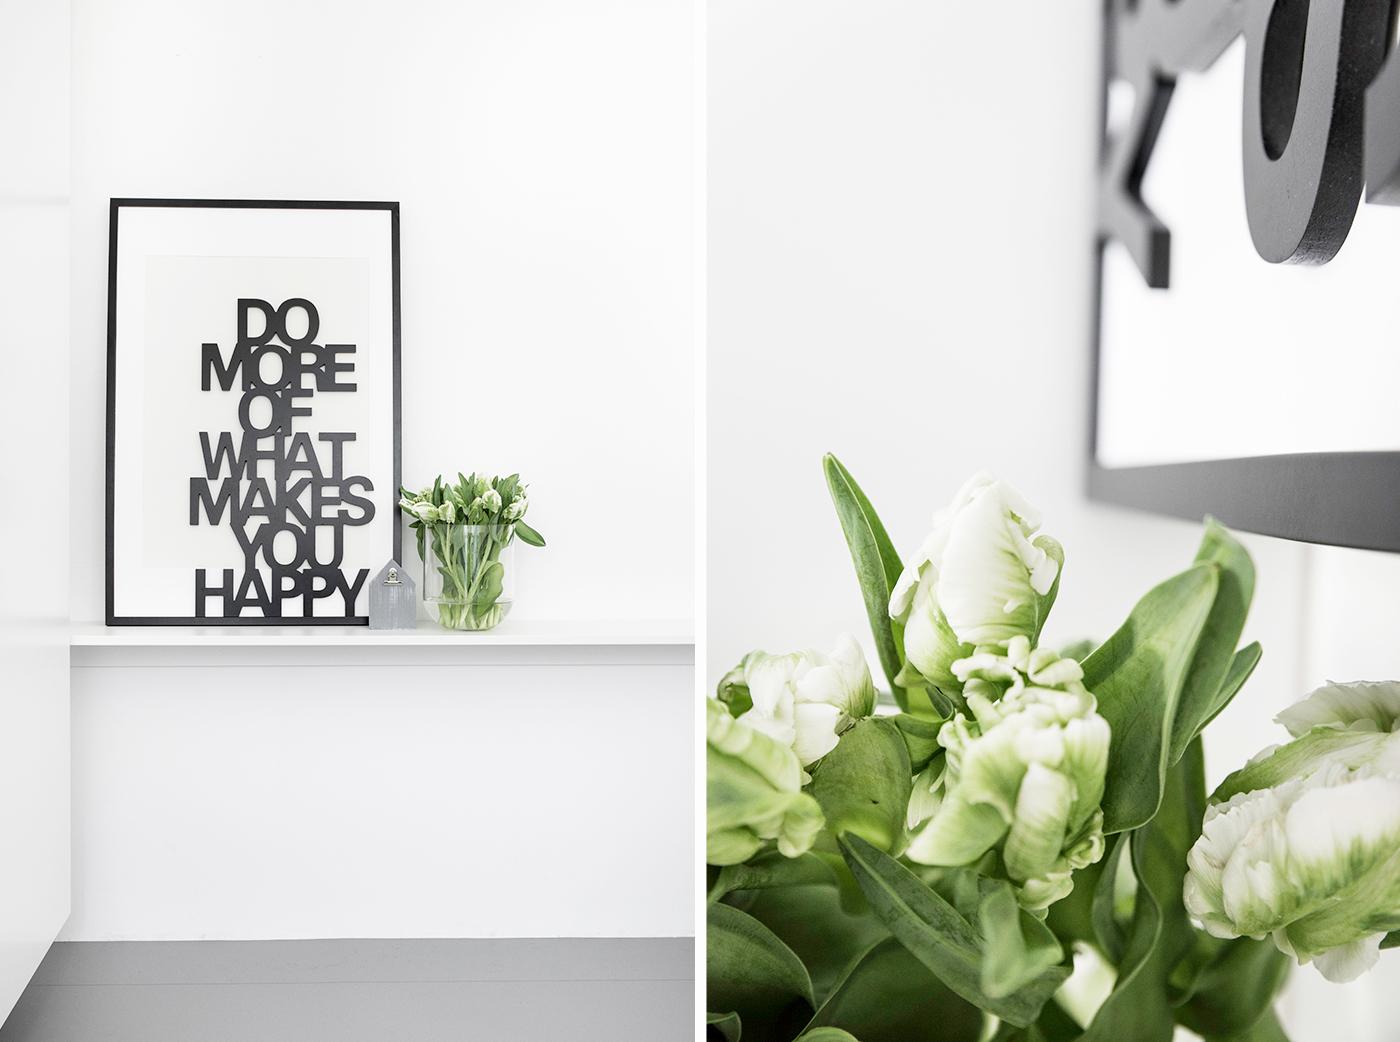 Wie gestalte ich eine Bilderwand - 5 Tipps